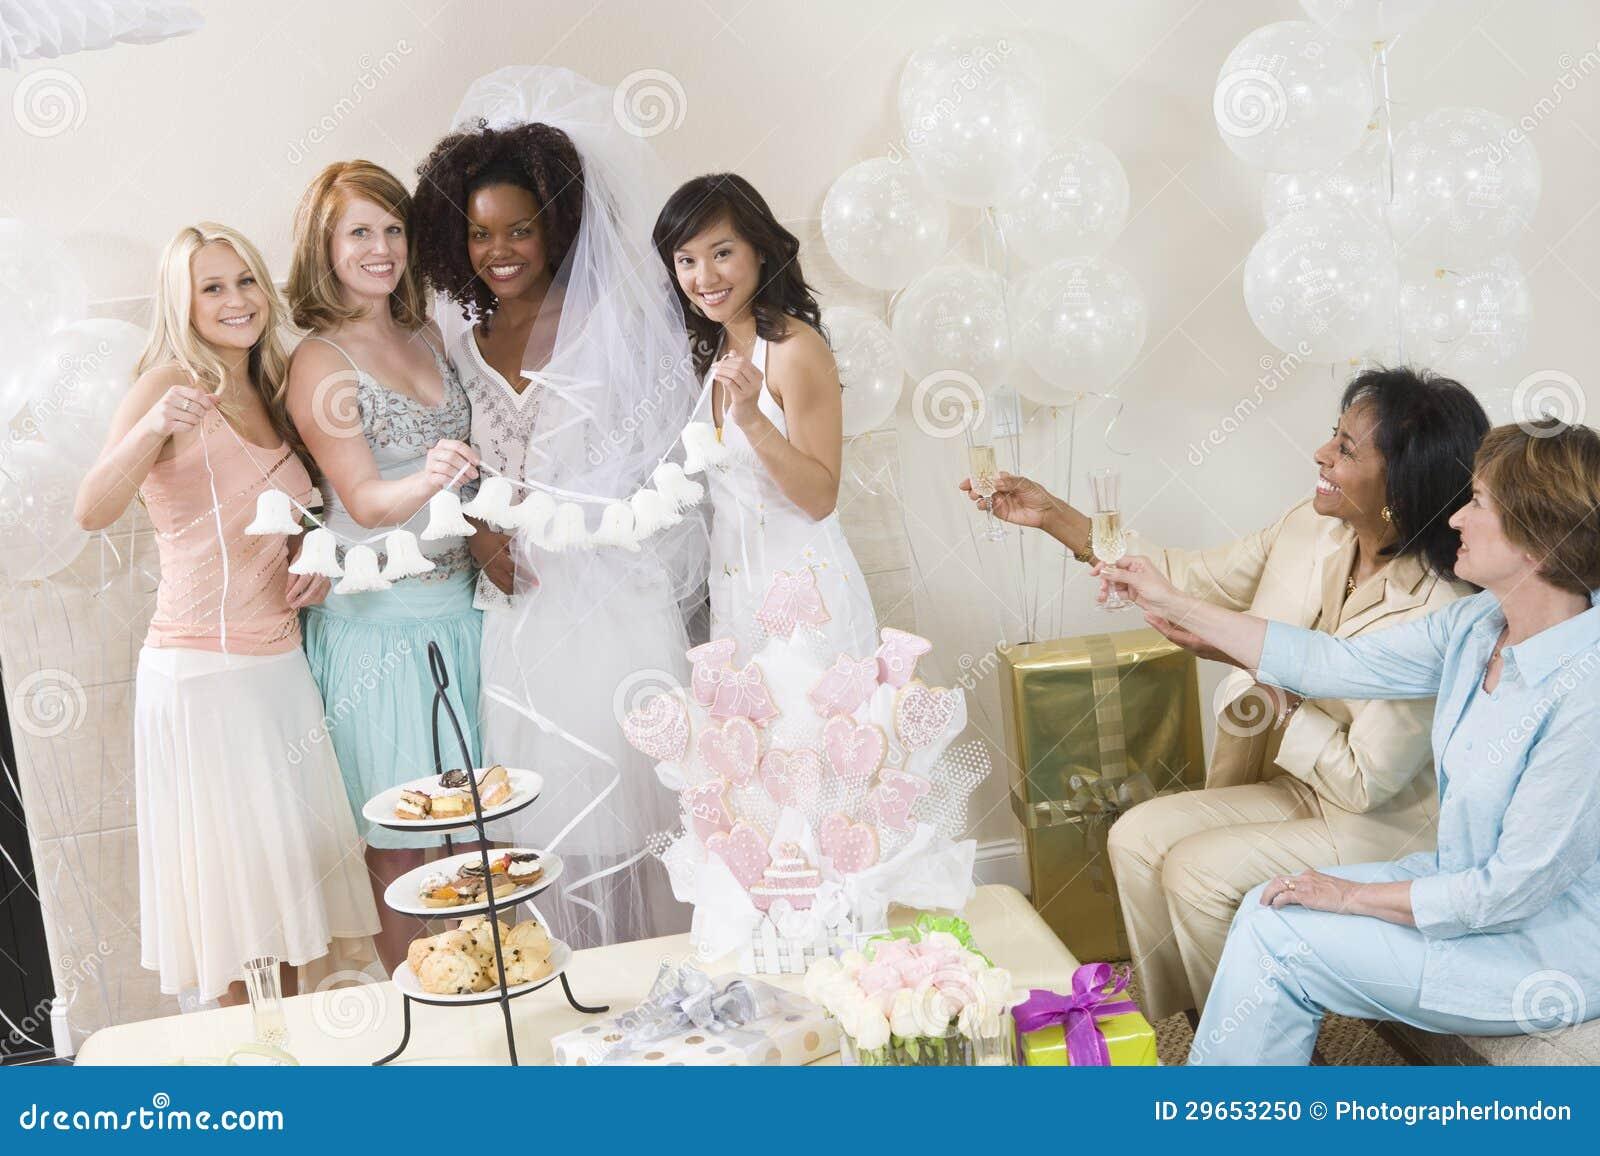 Hochzeit freunde zur für Glückwünsche zur